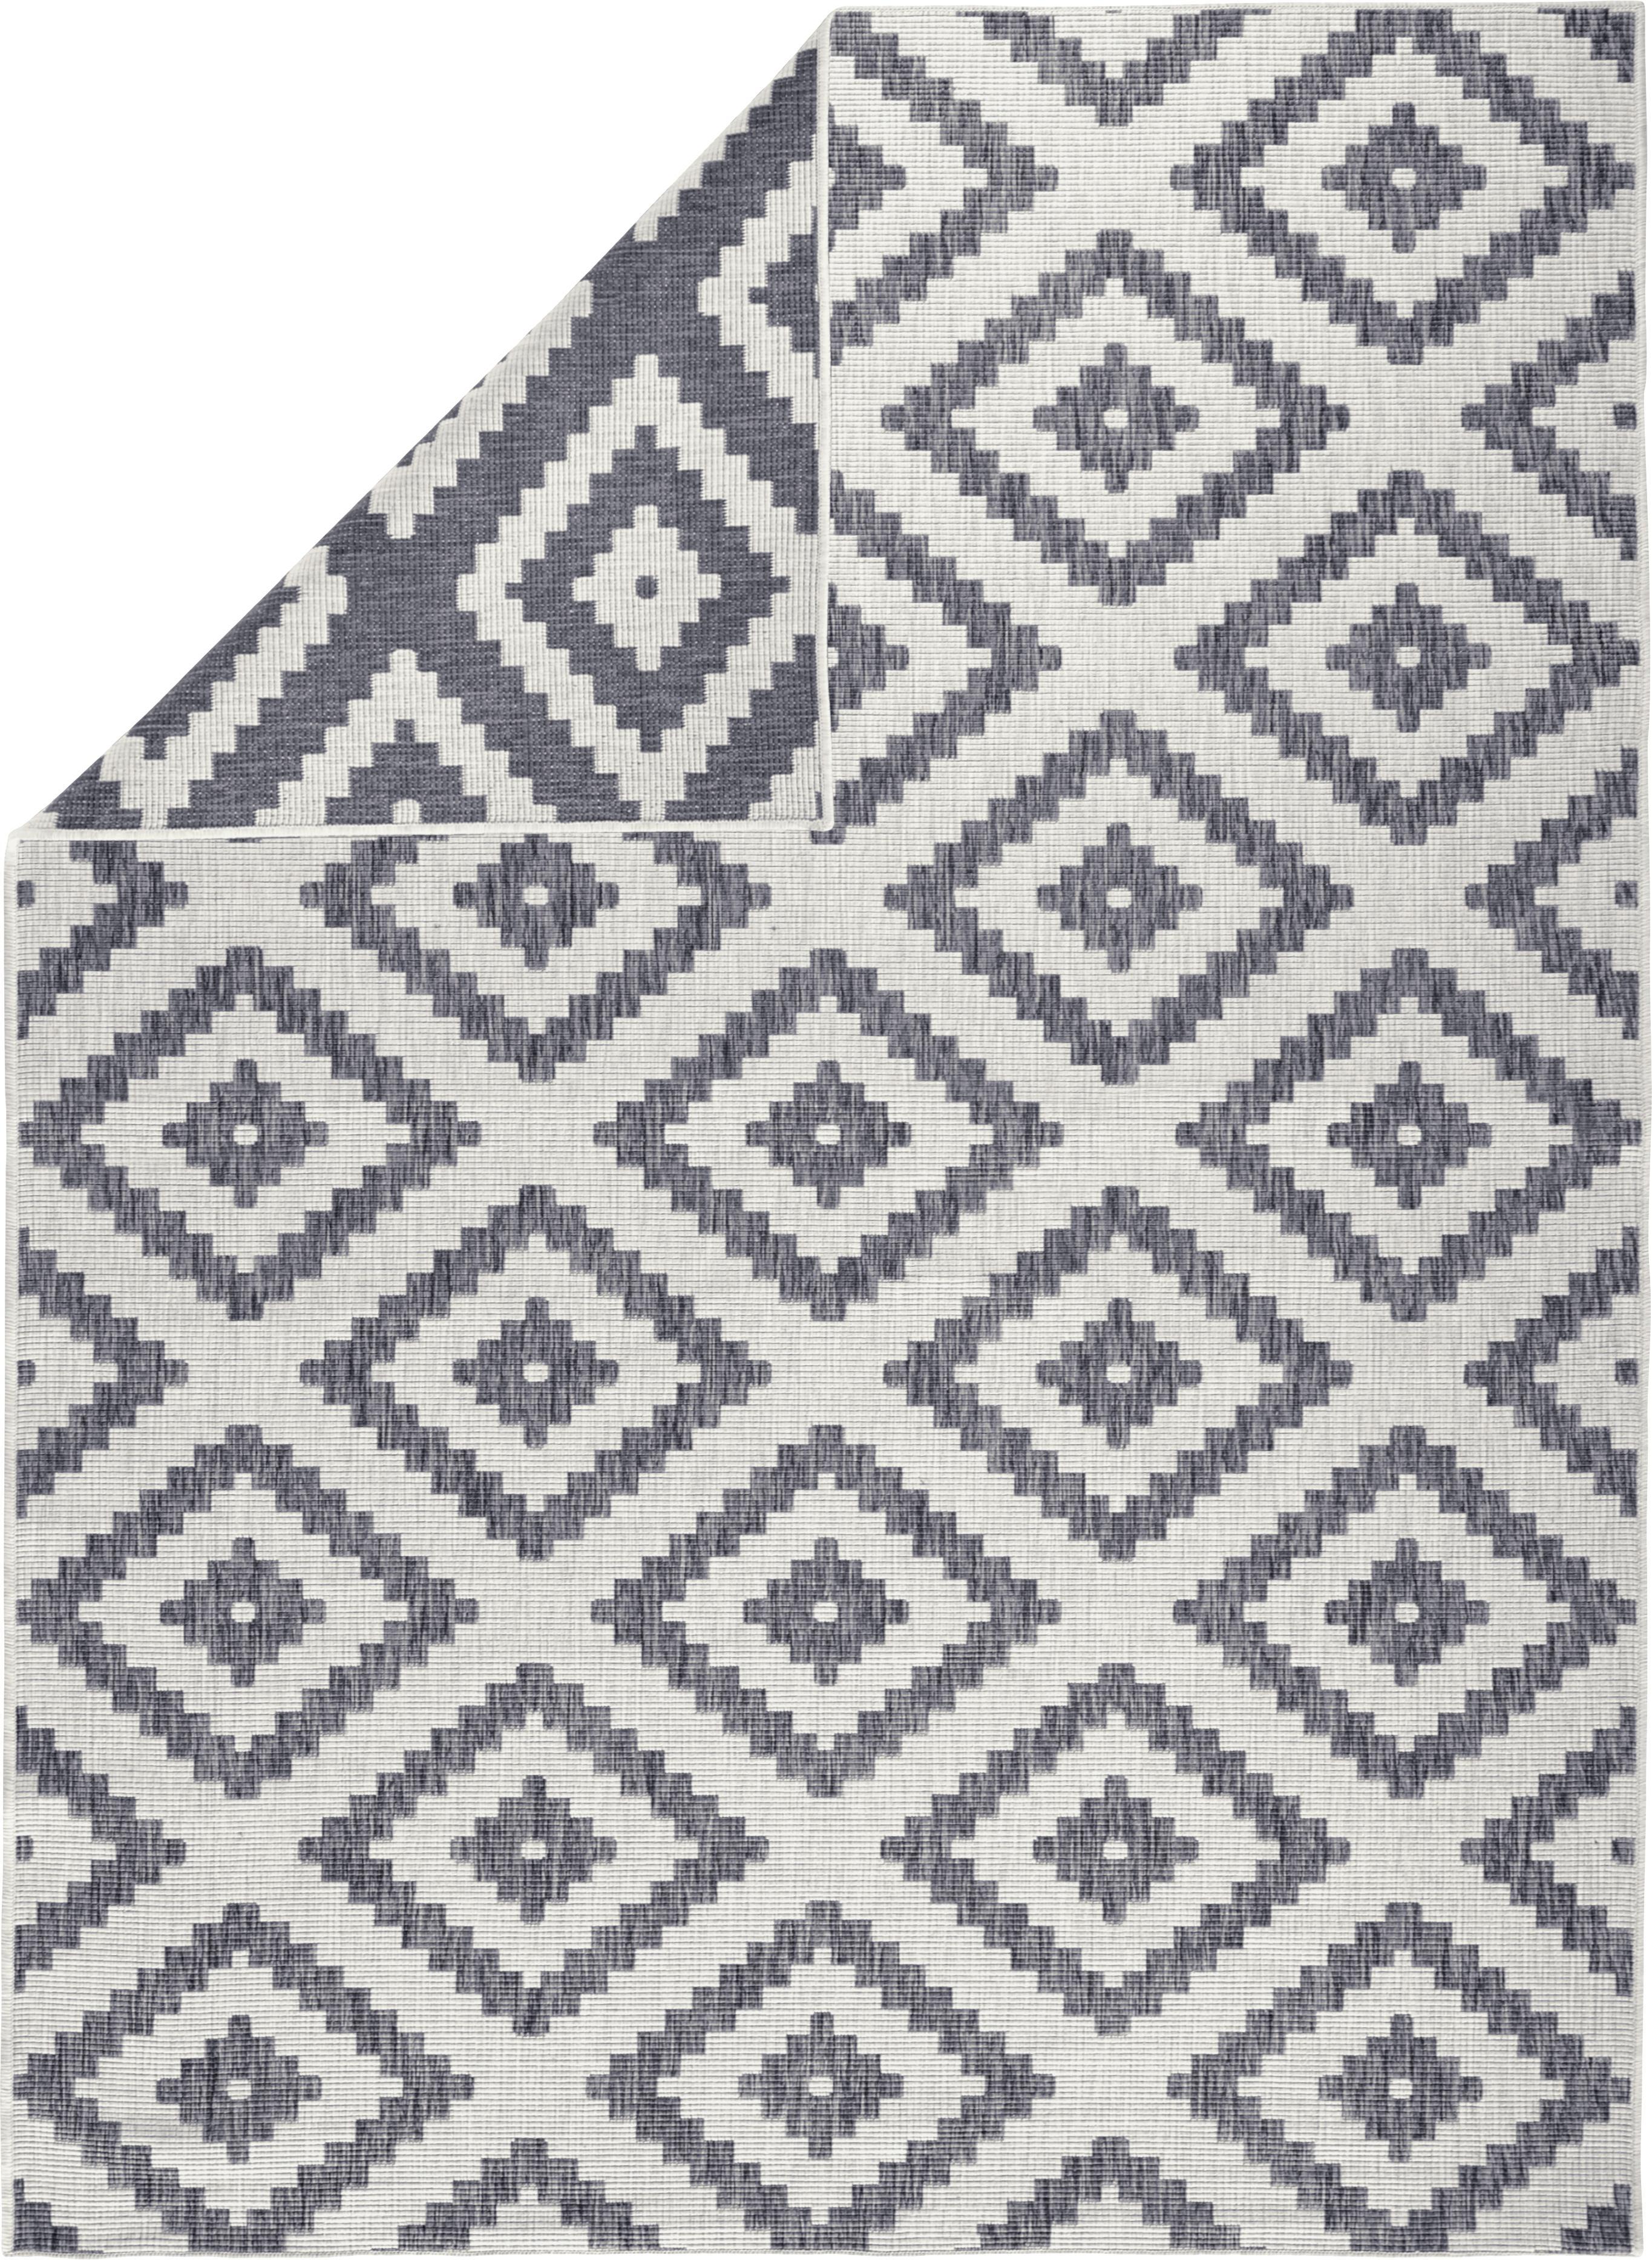 Dubbelzijdig in- en outdoor vloerkleed Malta in grijs/crème kleur, Grijs, crèmekleurig, B 80 x L 150 cm (maat XS)